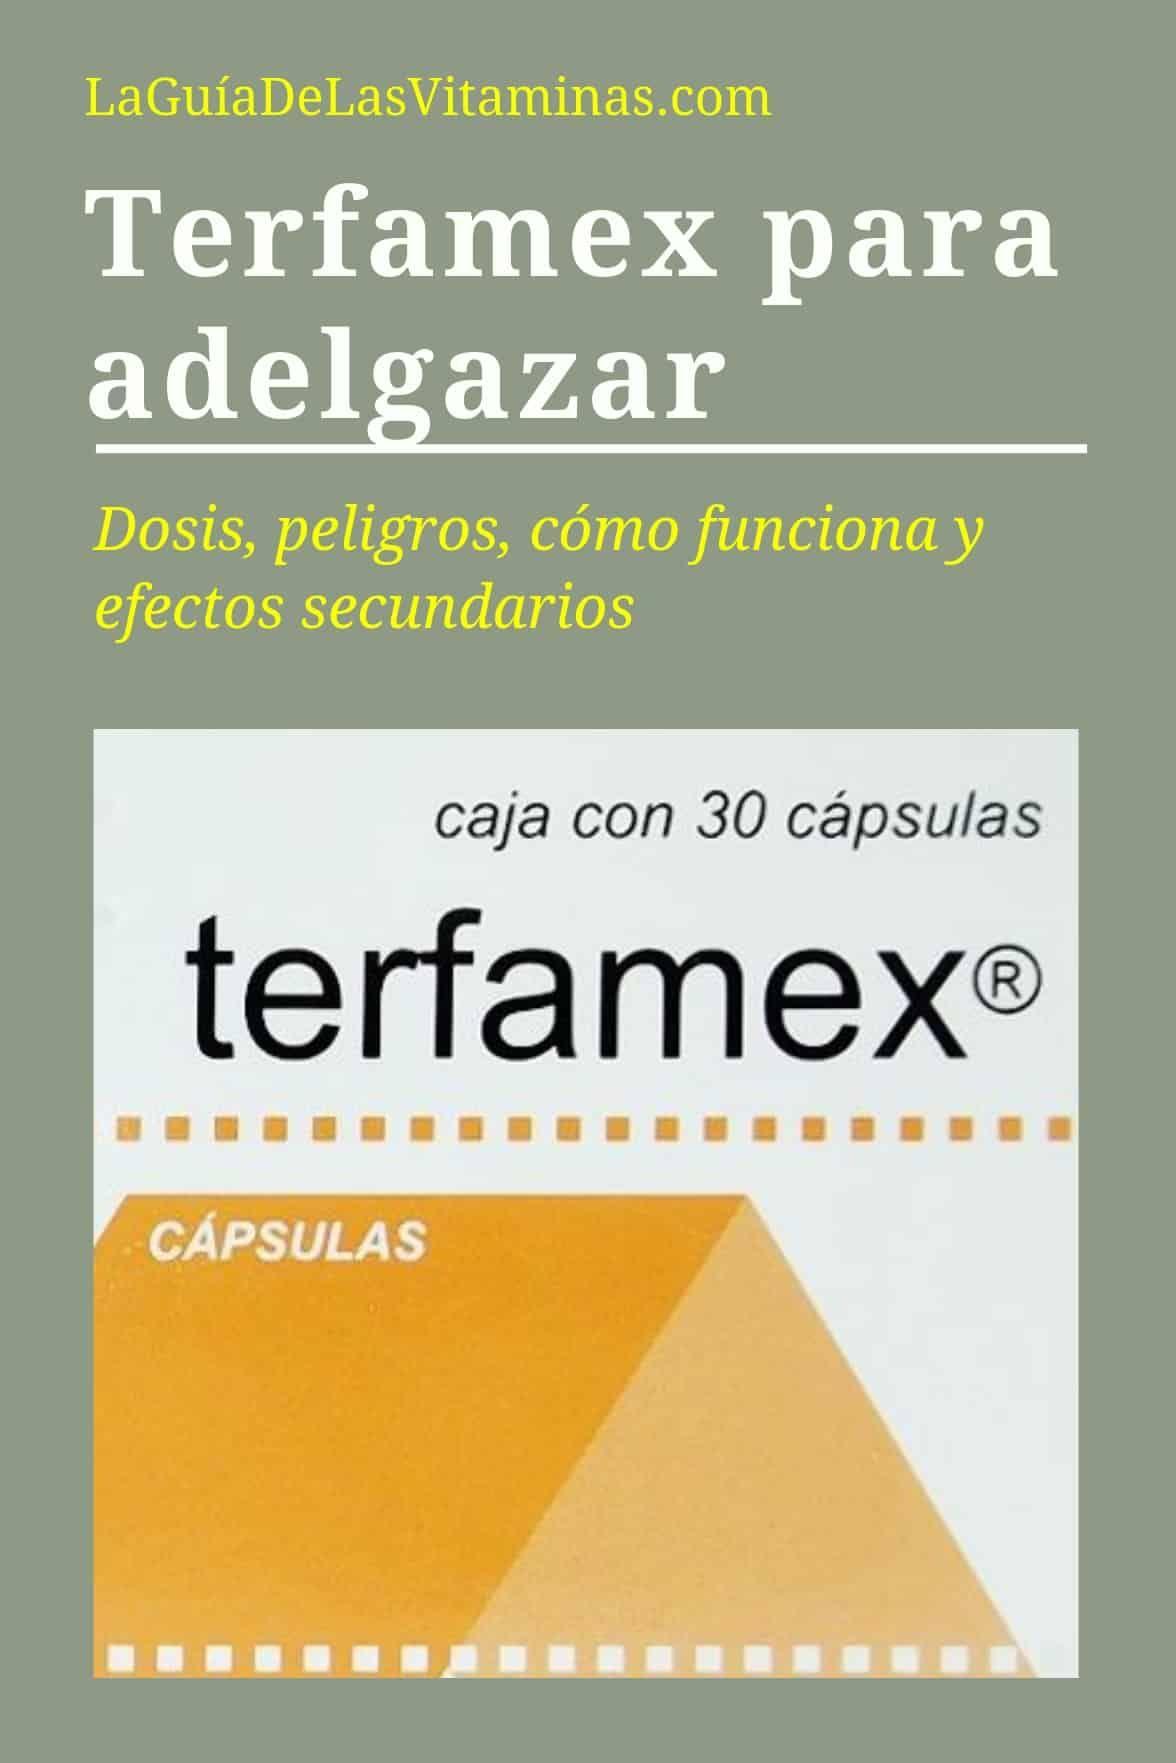 metformina para adelgazar efectos adversos de la